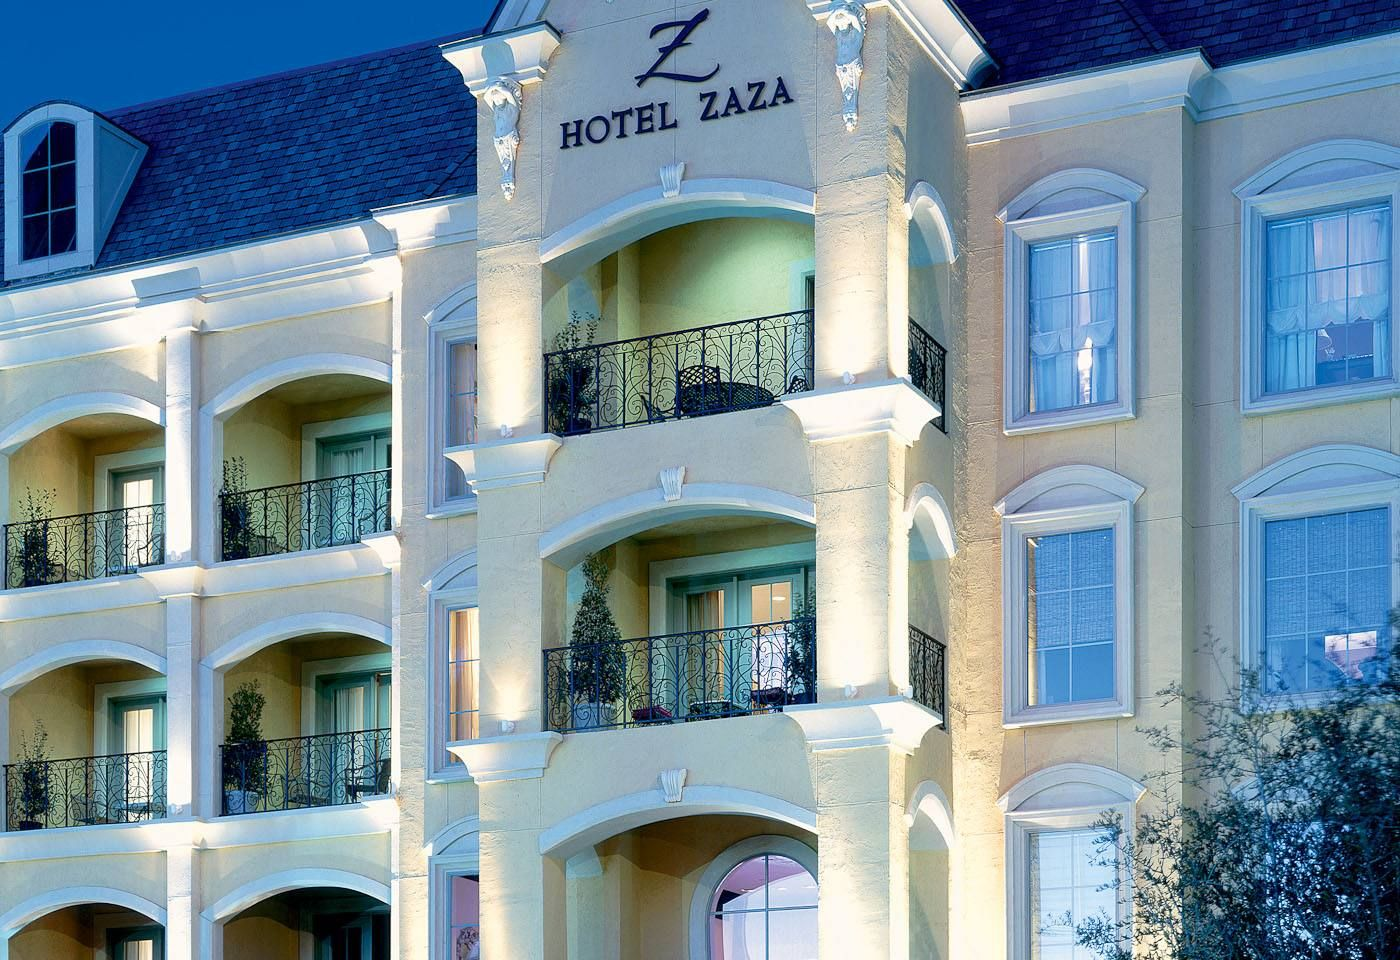 Uptown Dallas Hotels: Welcome to Hotel ZaZa Dallas